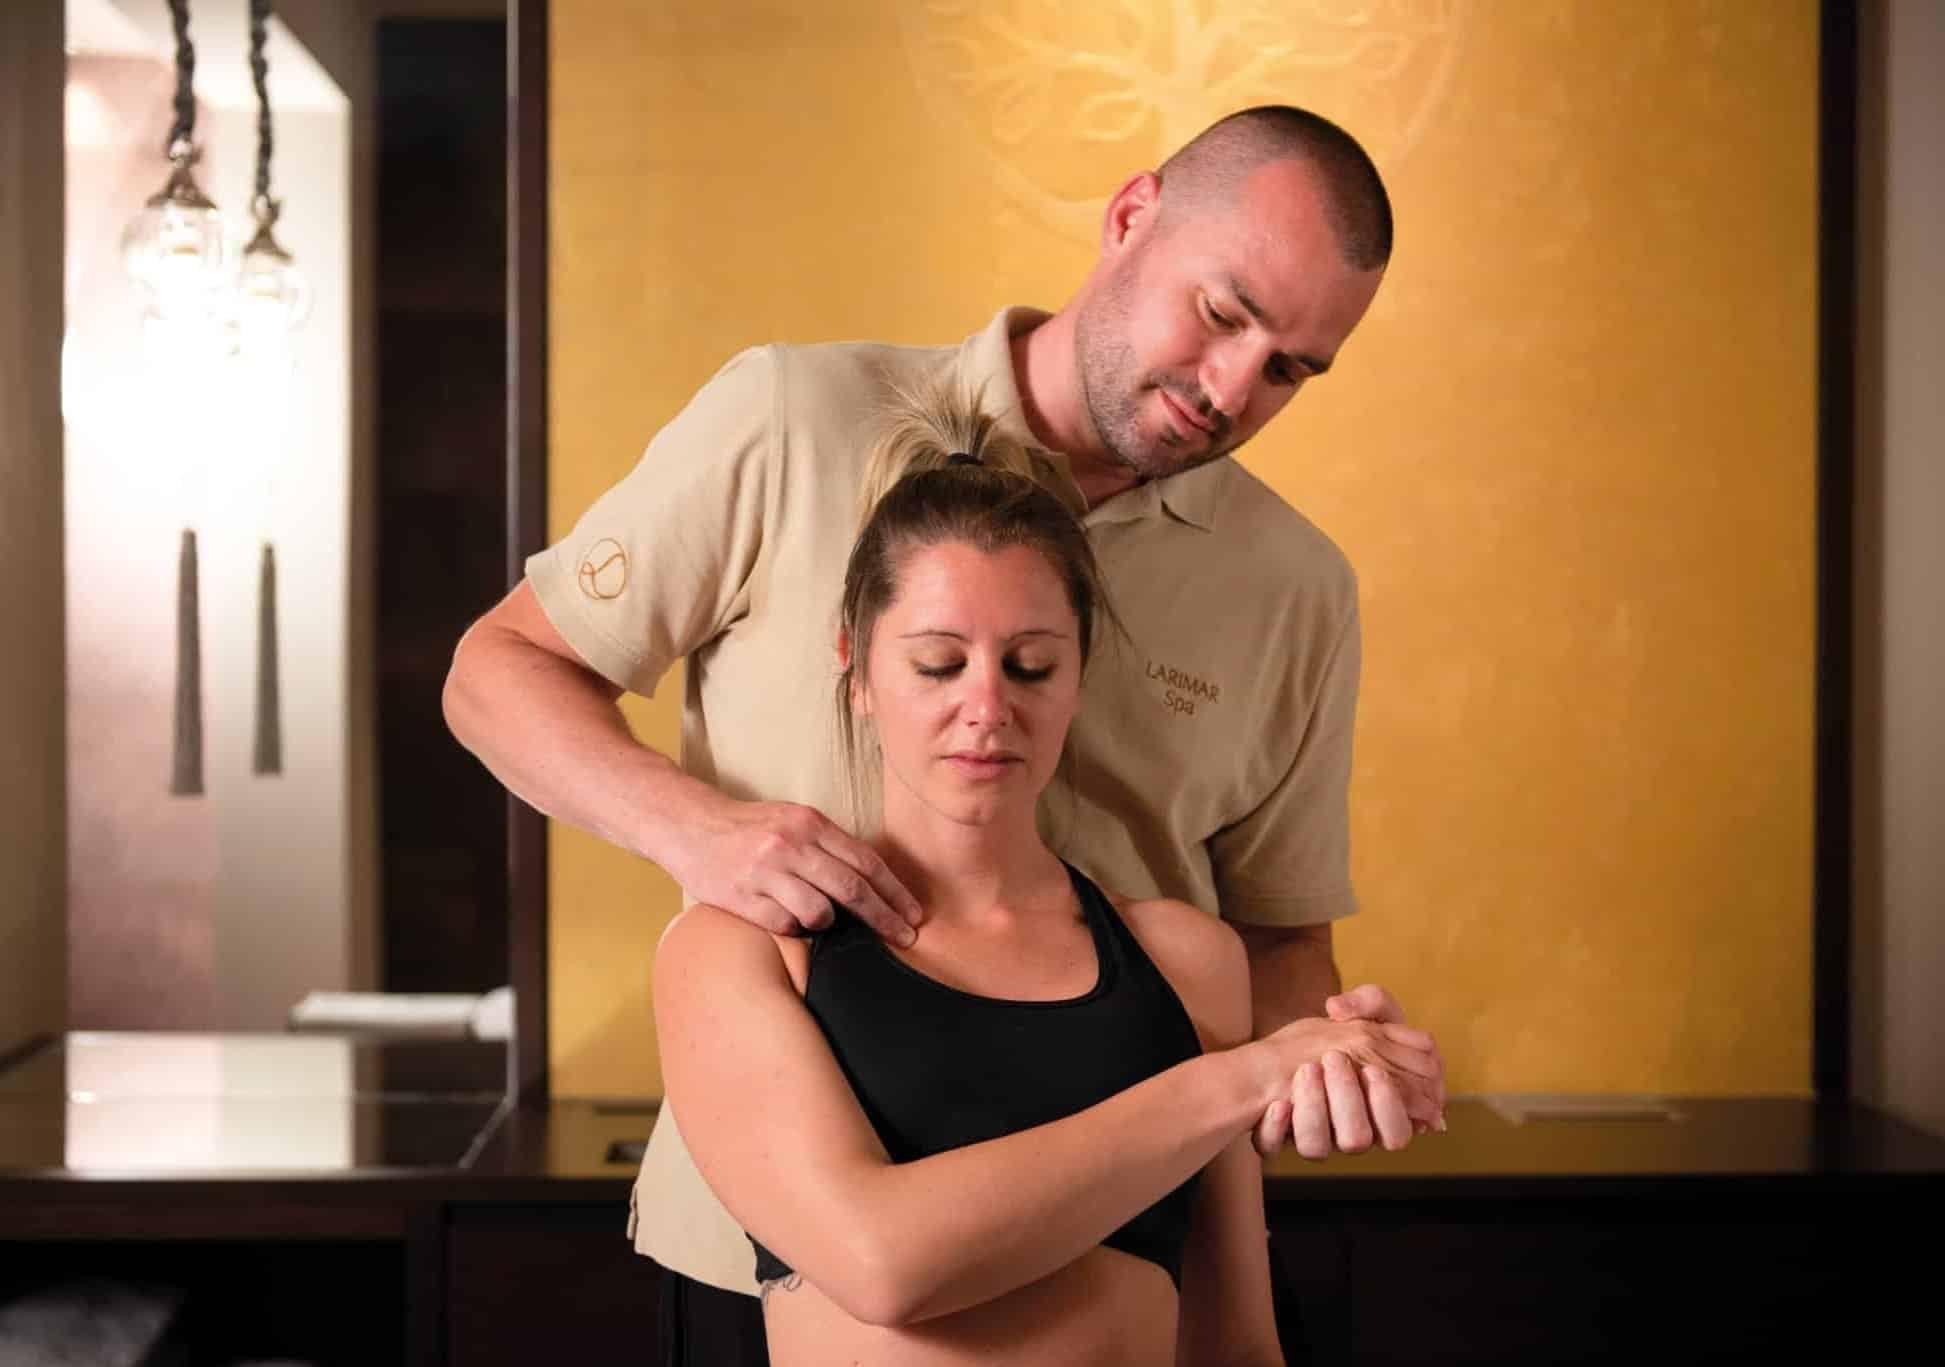 Physikalische Behandlungen im Hotel Larimar